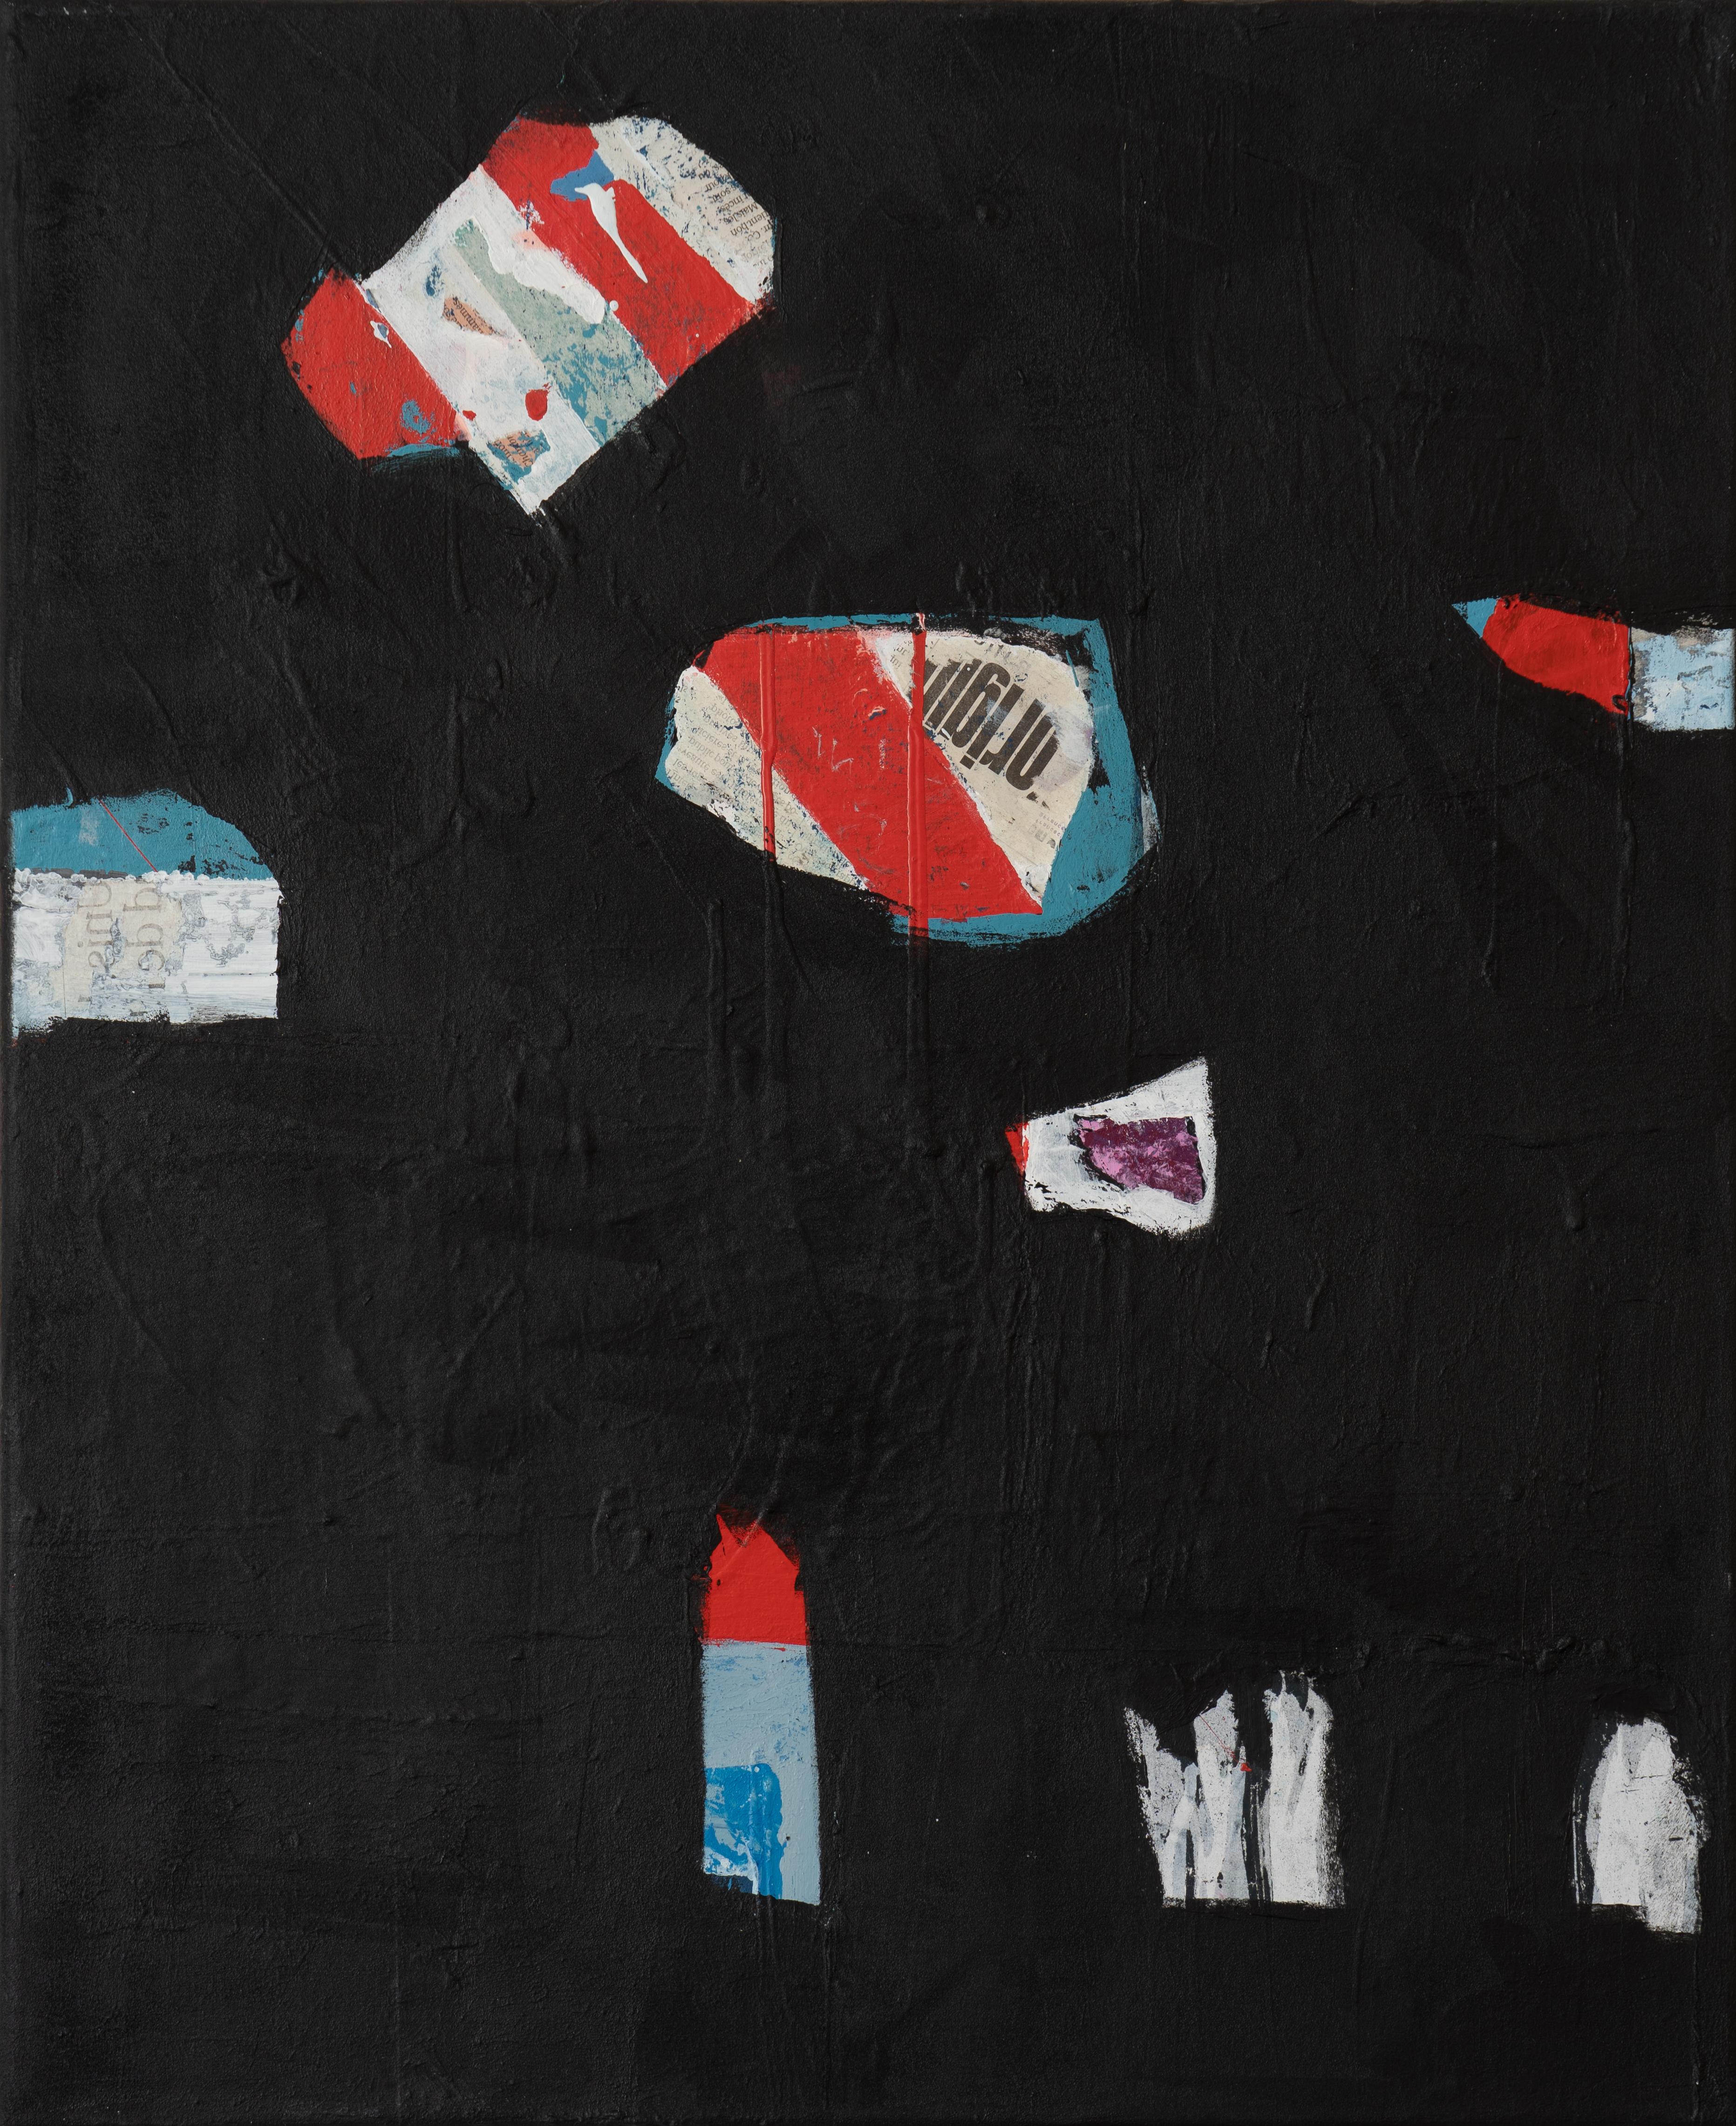 tableau noir Acrylique et collage sur toile (50 x 60 cm) hommage Soulages